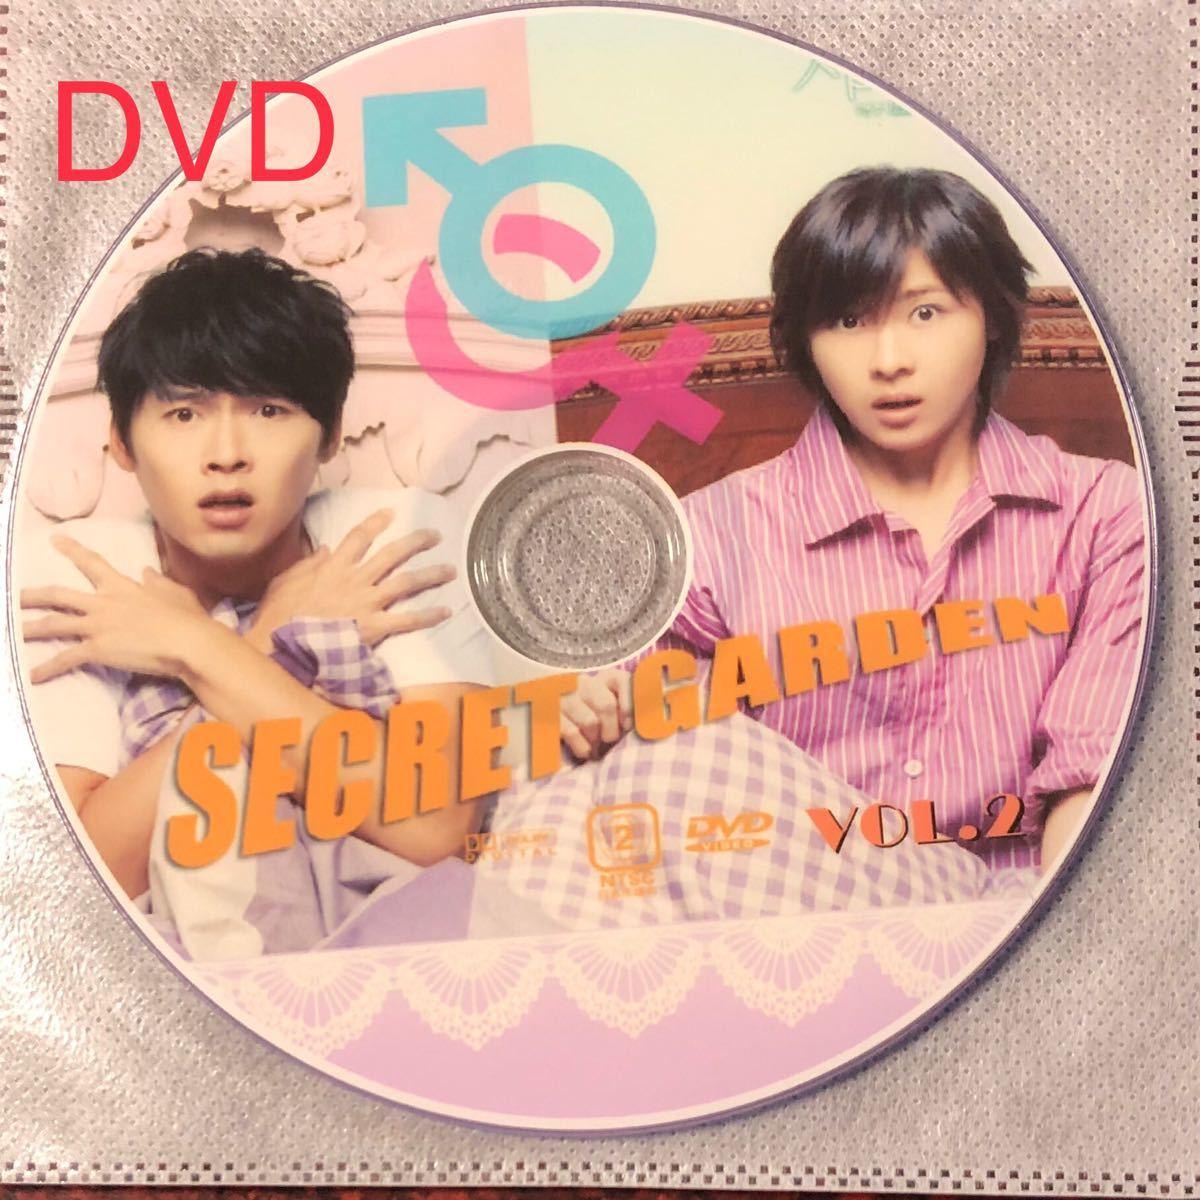 『シークレット・ガーデン』DVD版、日本語字幕、全20話、レーベル印刷あり。ディスク7枚。ヒョンビン、ハ・ジウォン、イ・ジョンソク